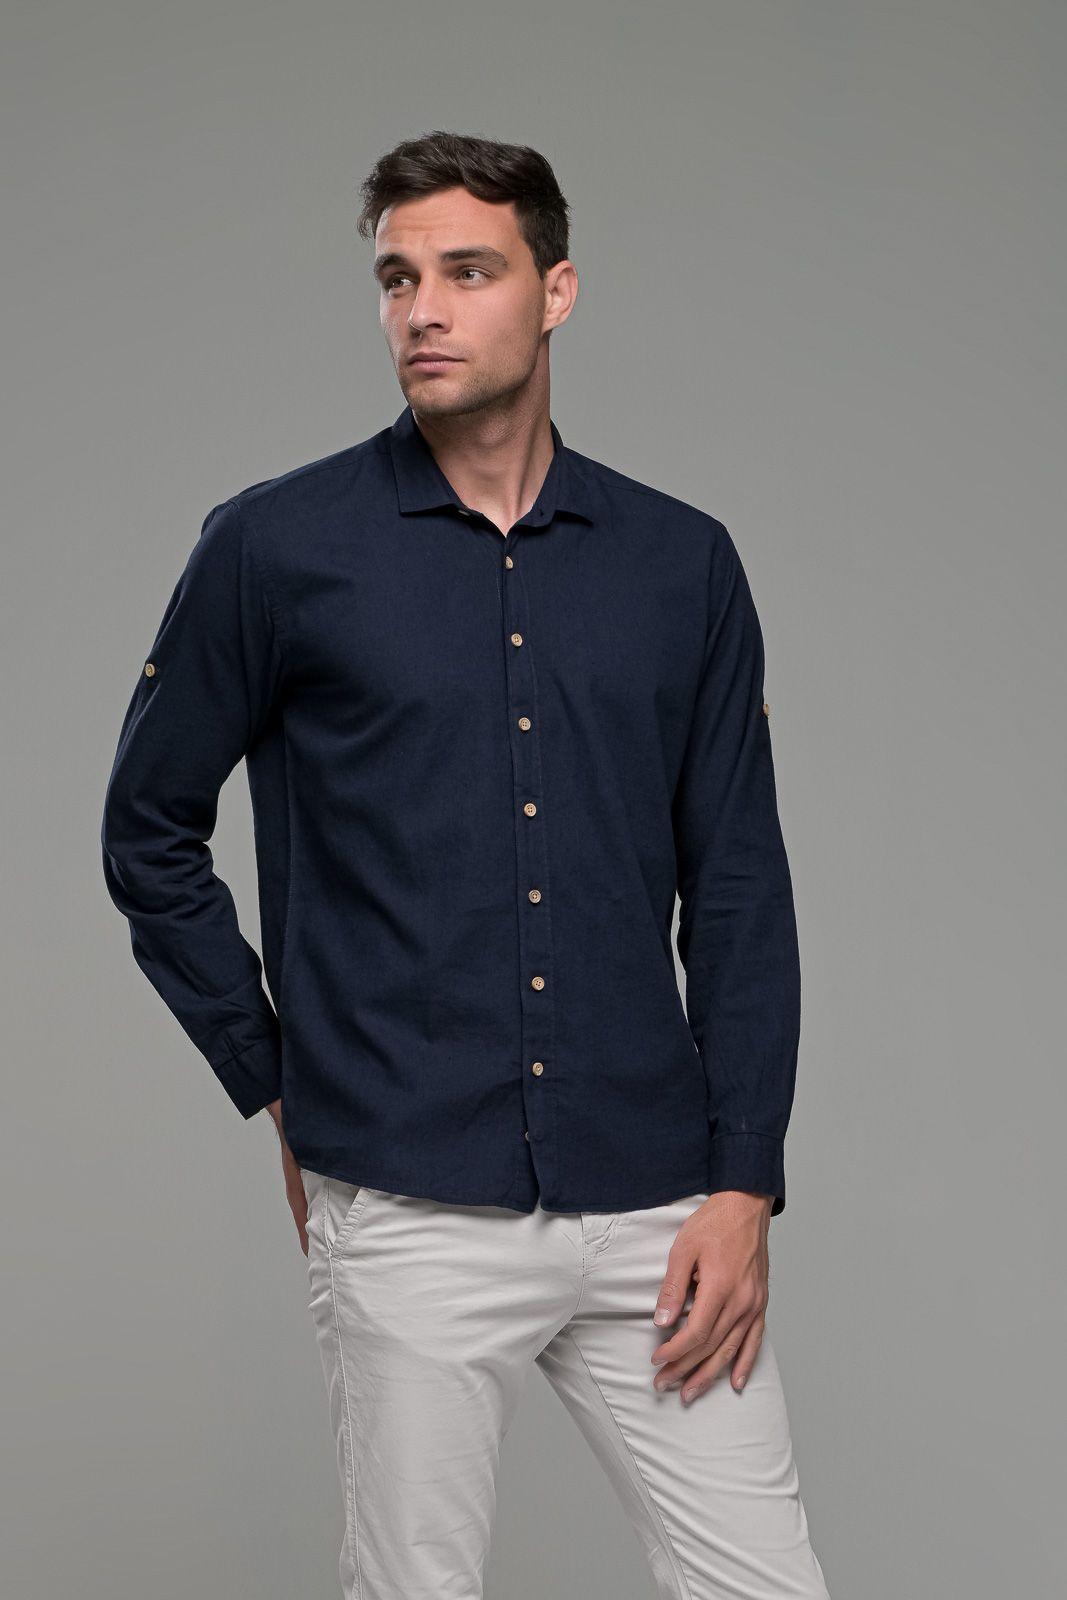 Λινό ανδρικό πουκάμισο μπλε - Slim Fit